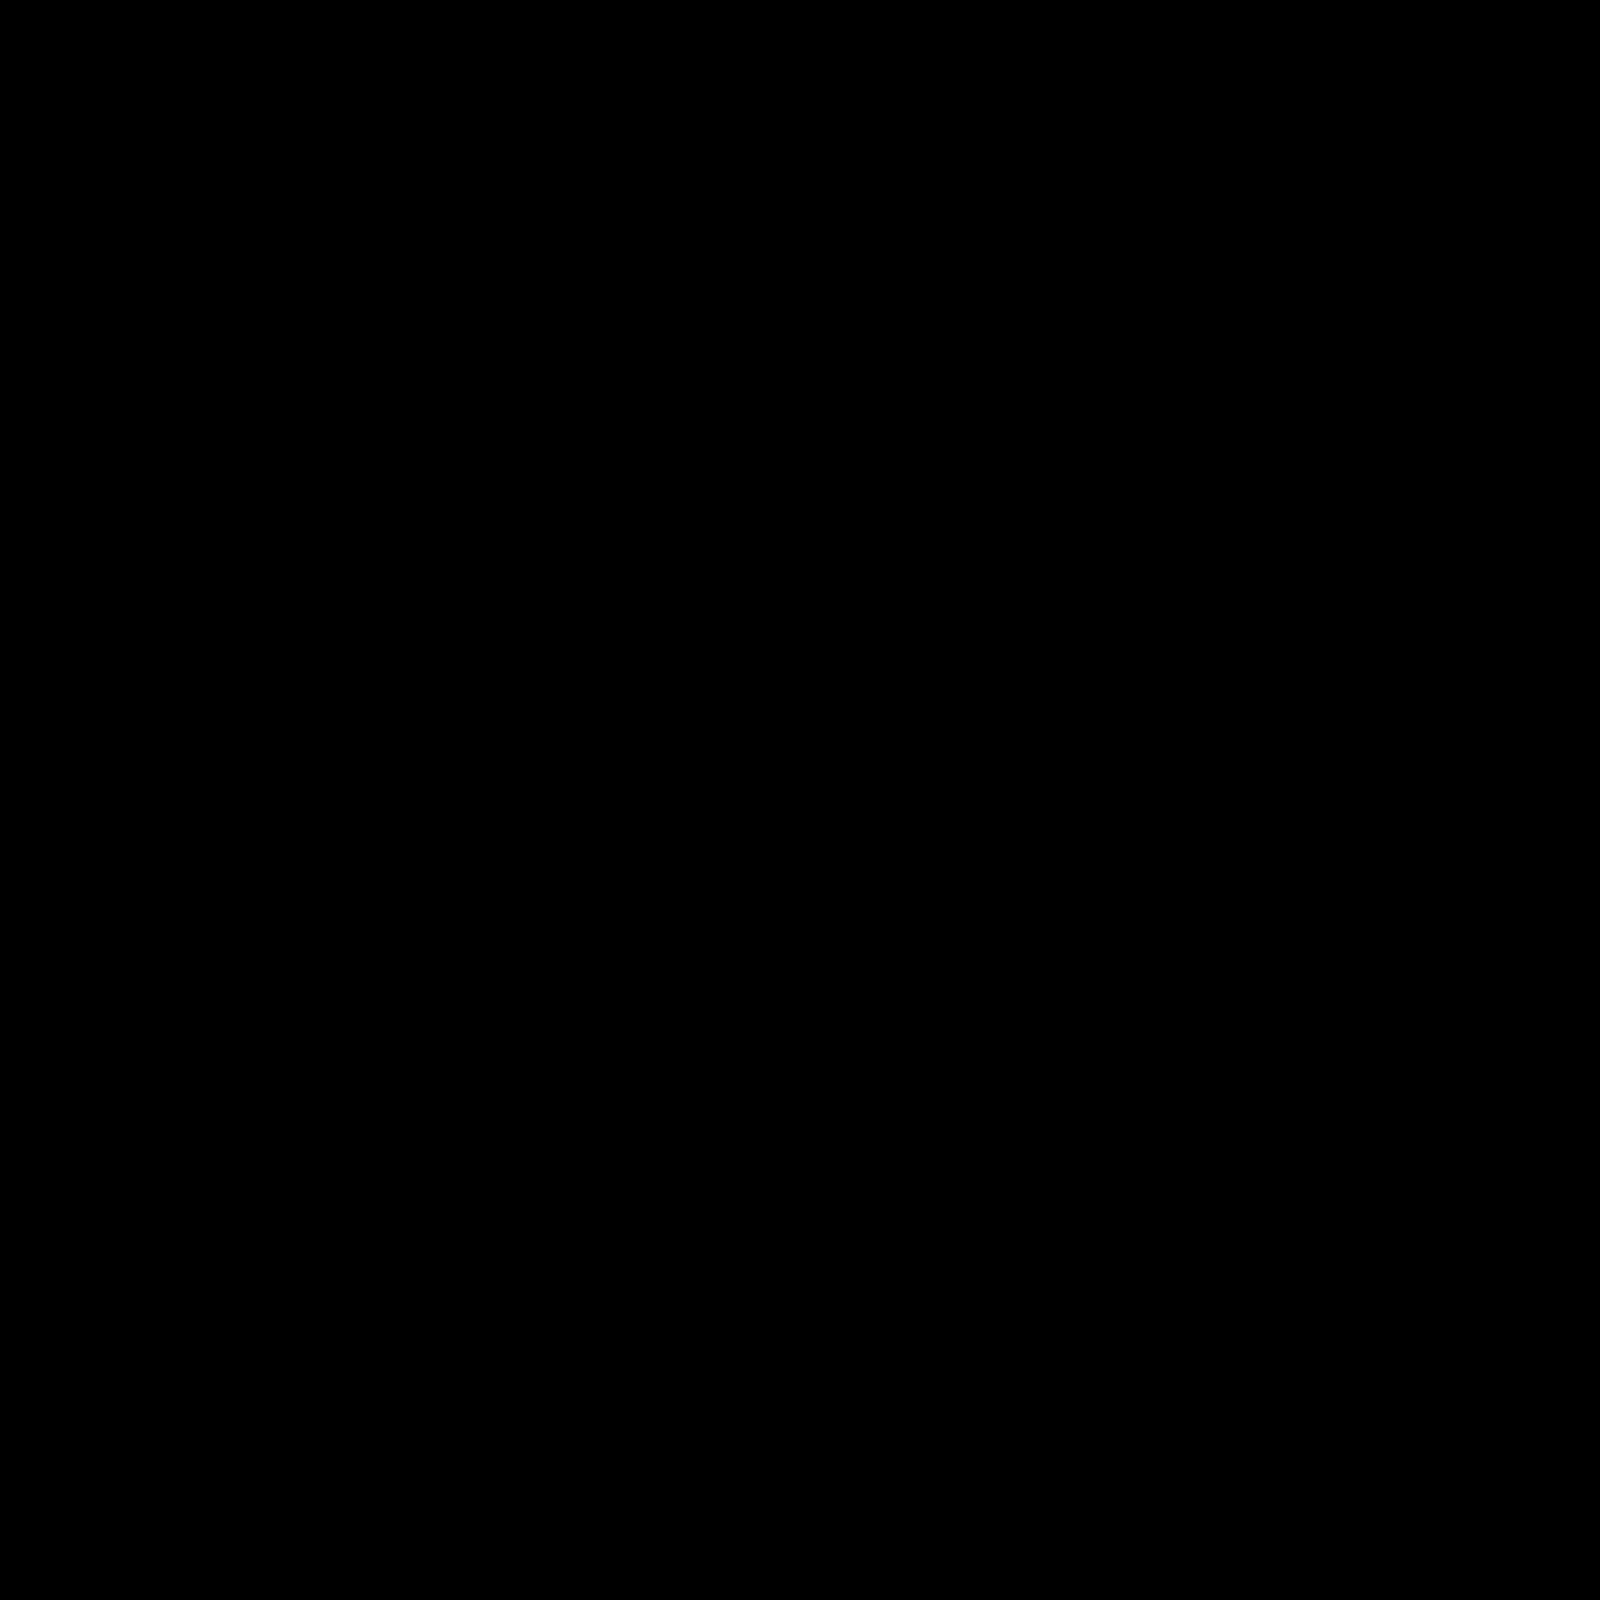 Recette De Sablés Escargots La Recette Facile: Fricassée D'escargots En Persillade, Facile : Recette Sur